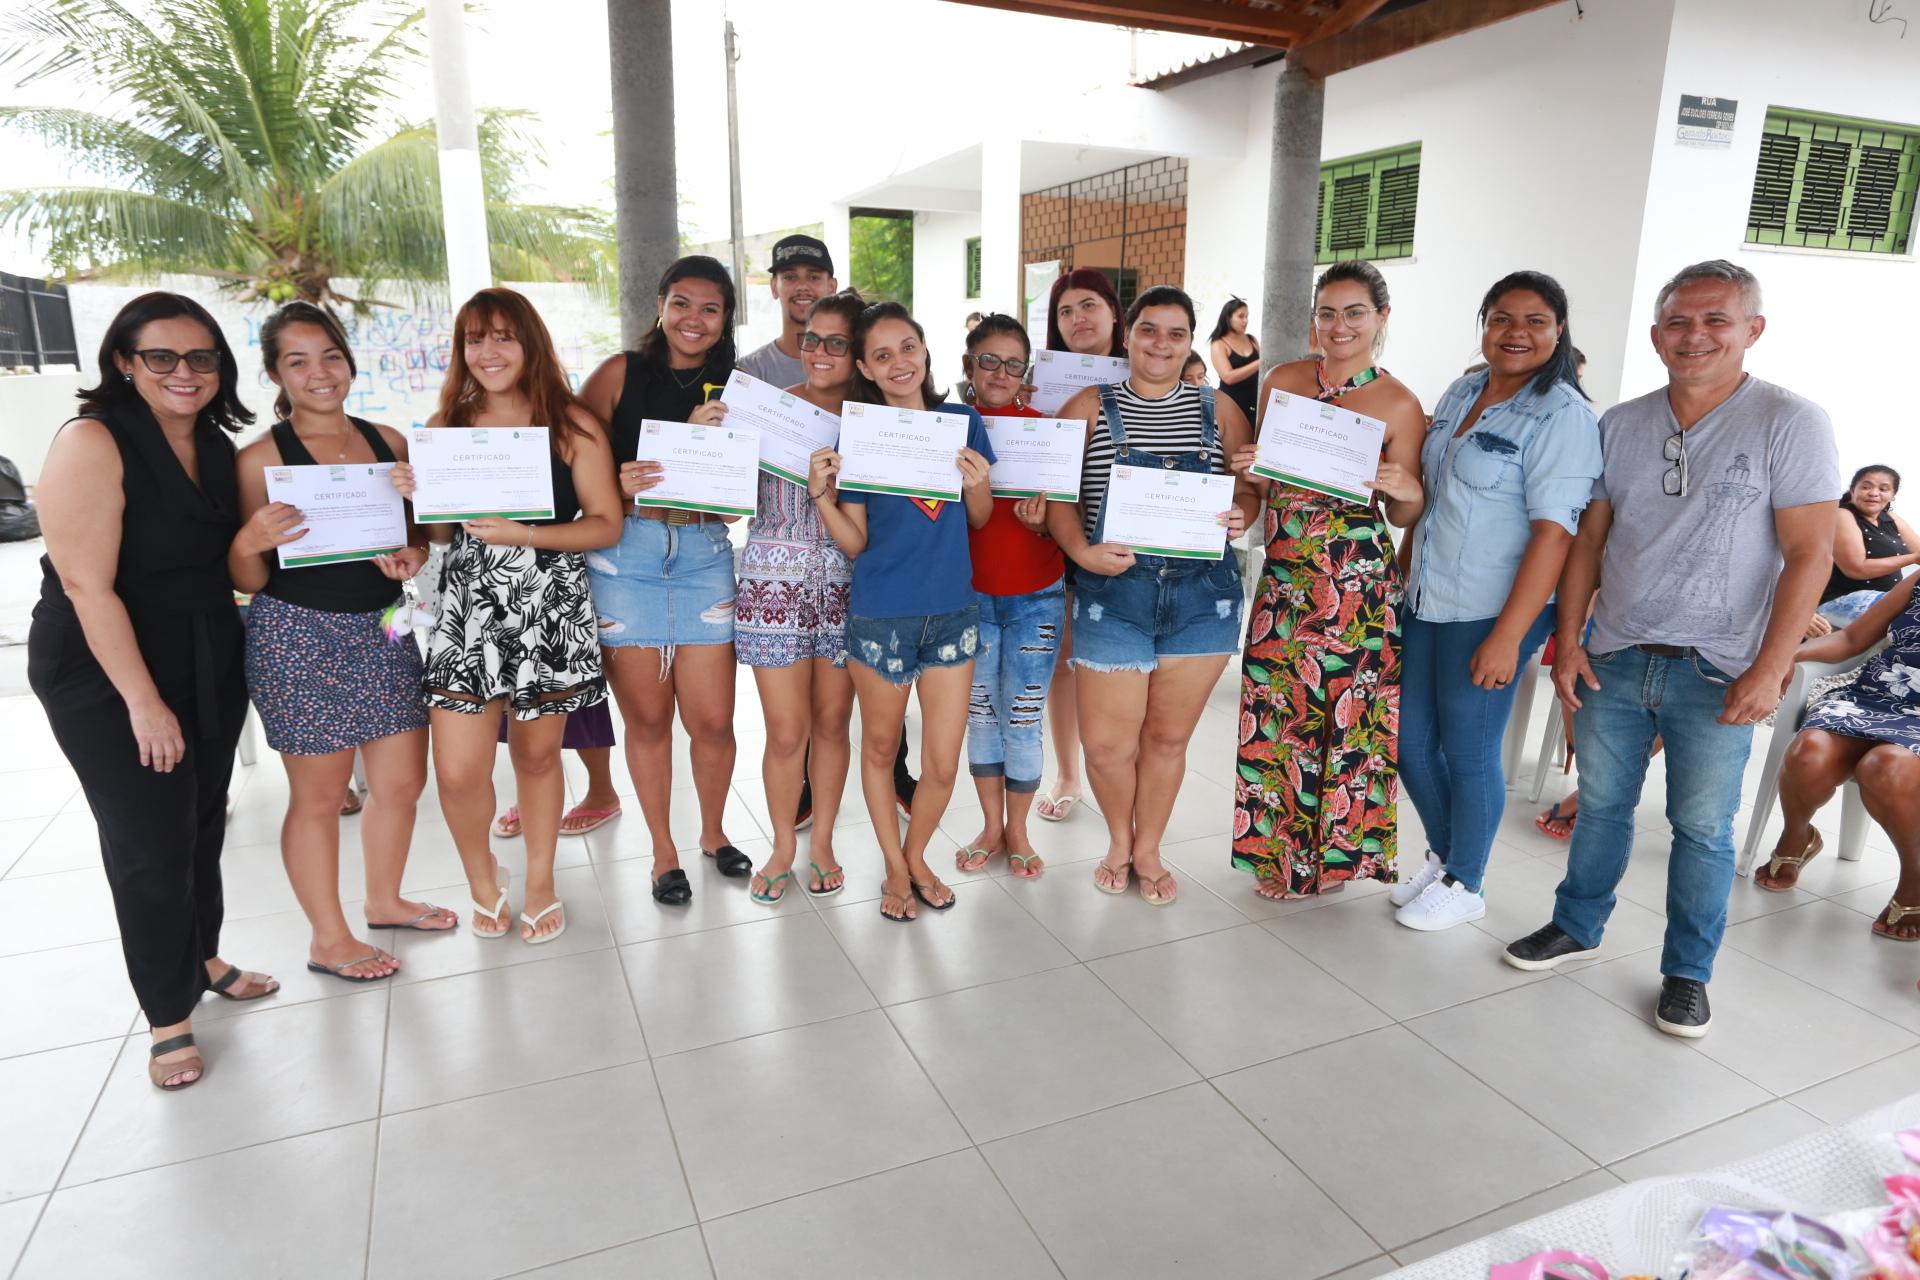 Dia da Mulher: Napaz do Curió realiza dia de cuidados para as mulheres e entrega certificados para jovens da comunidade